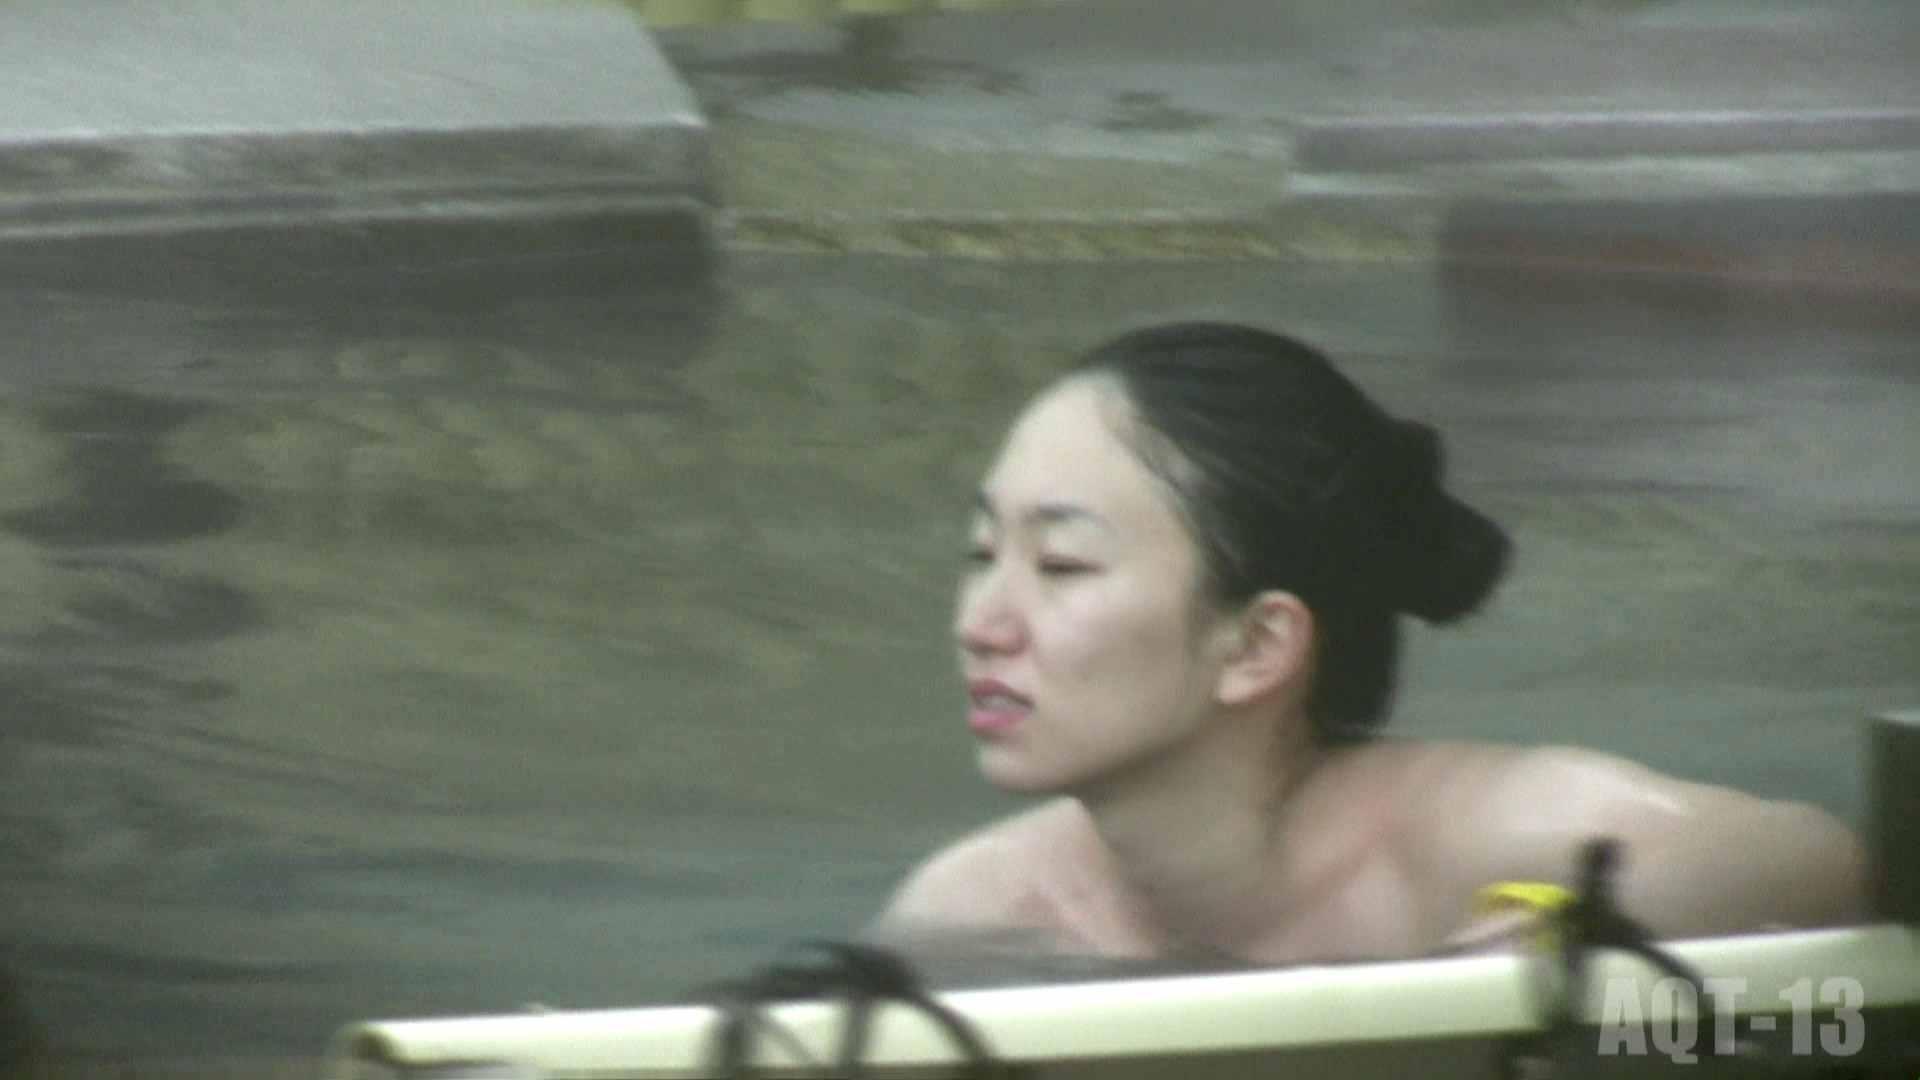 Aquaな露天風呂Vol.818 美しいOLの裸体 | 盗撮師作品  71pic 1